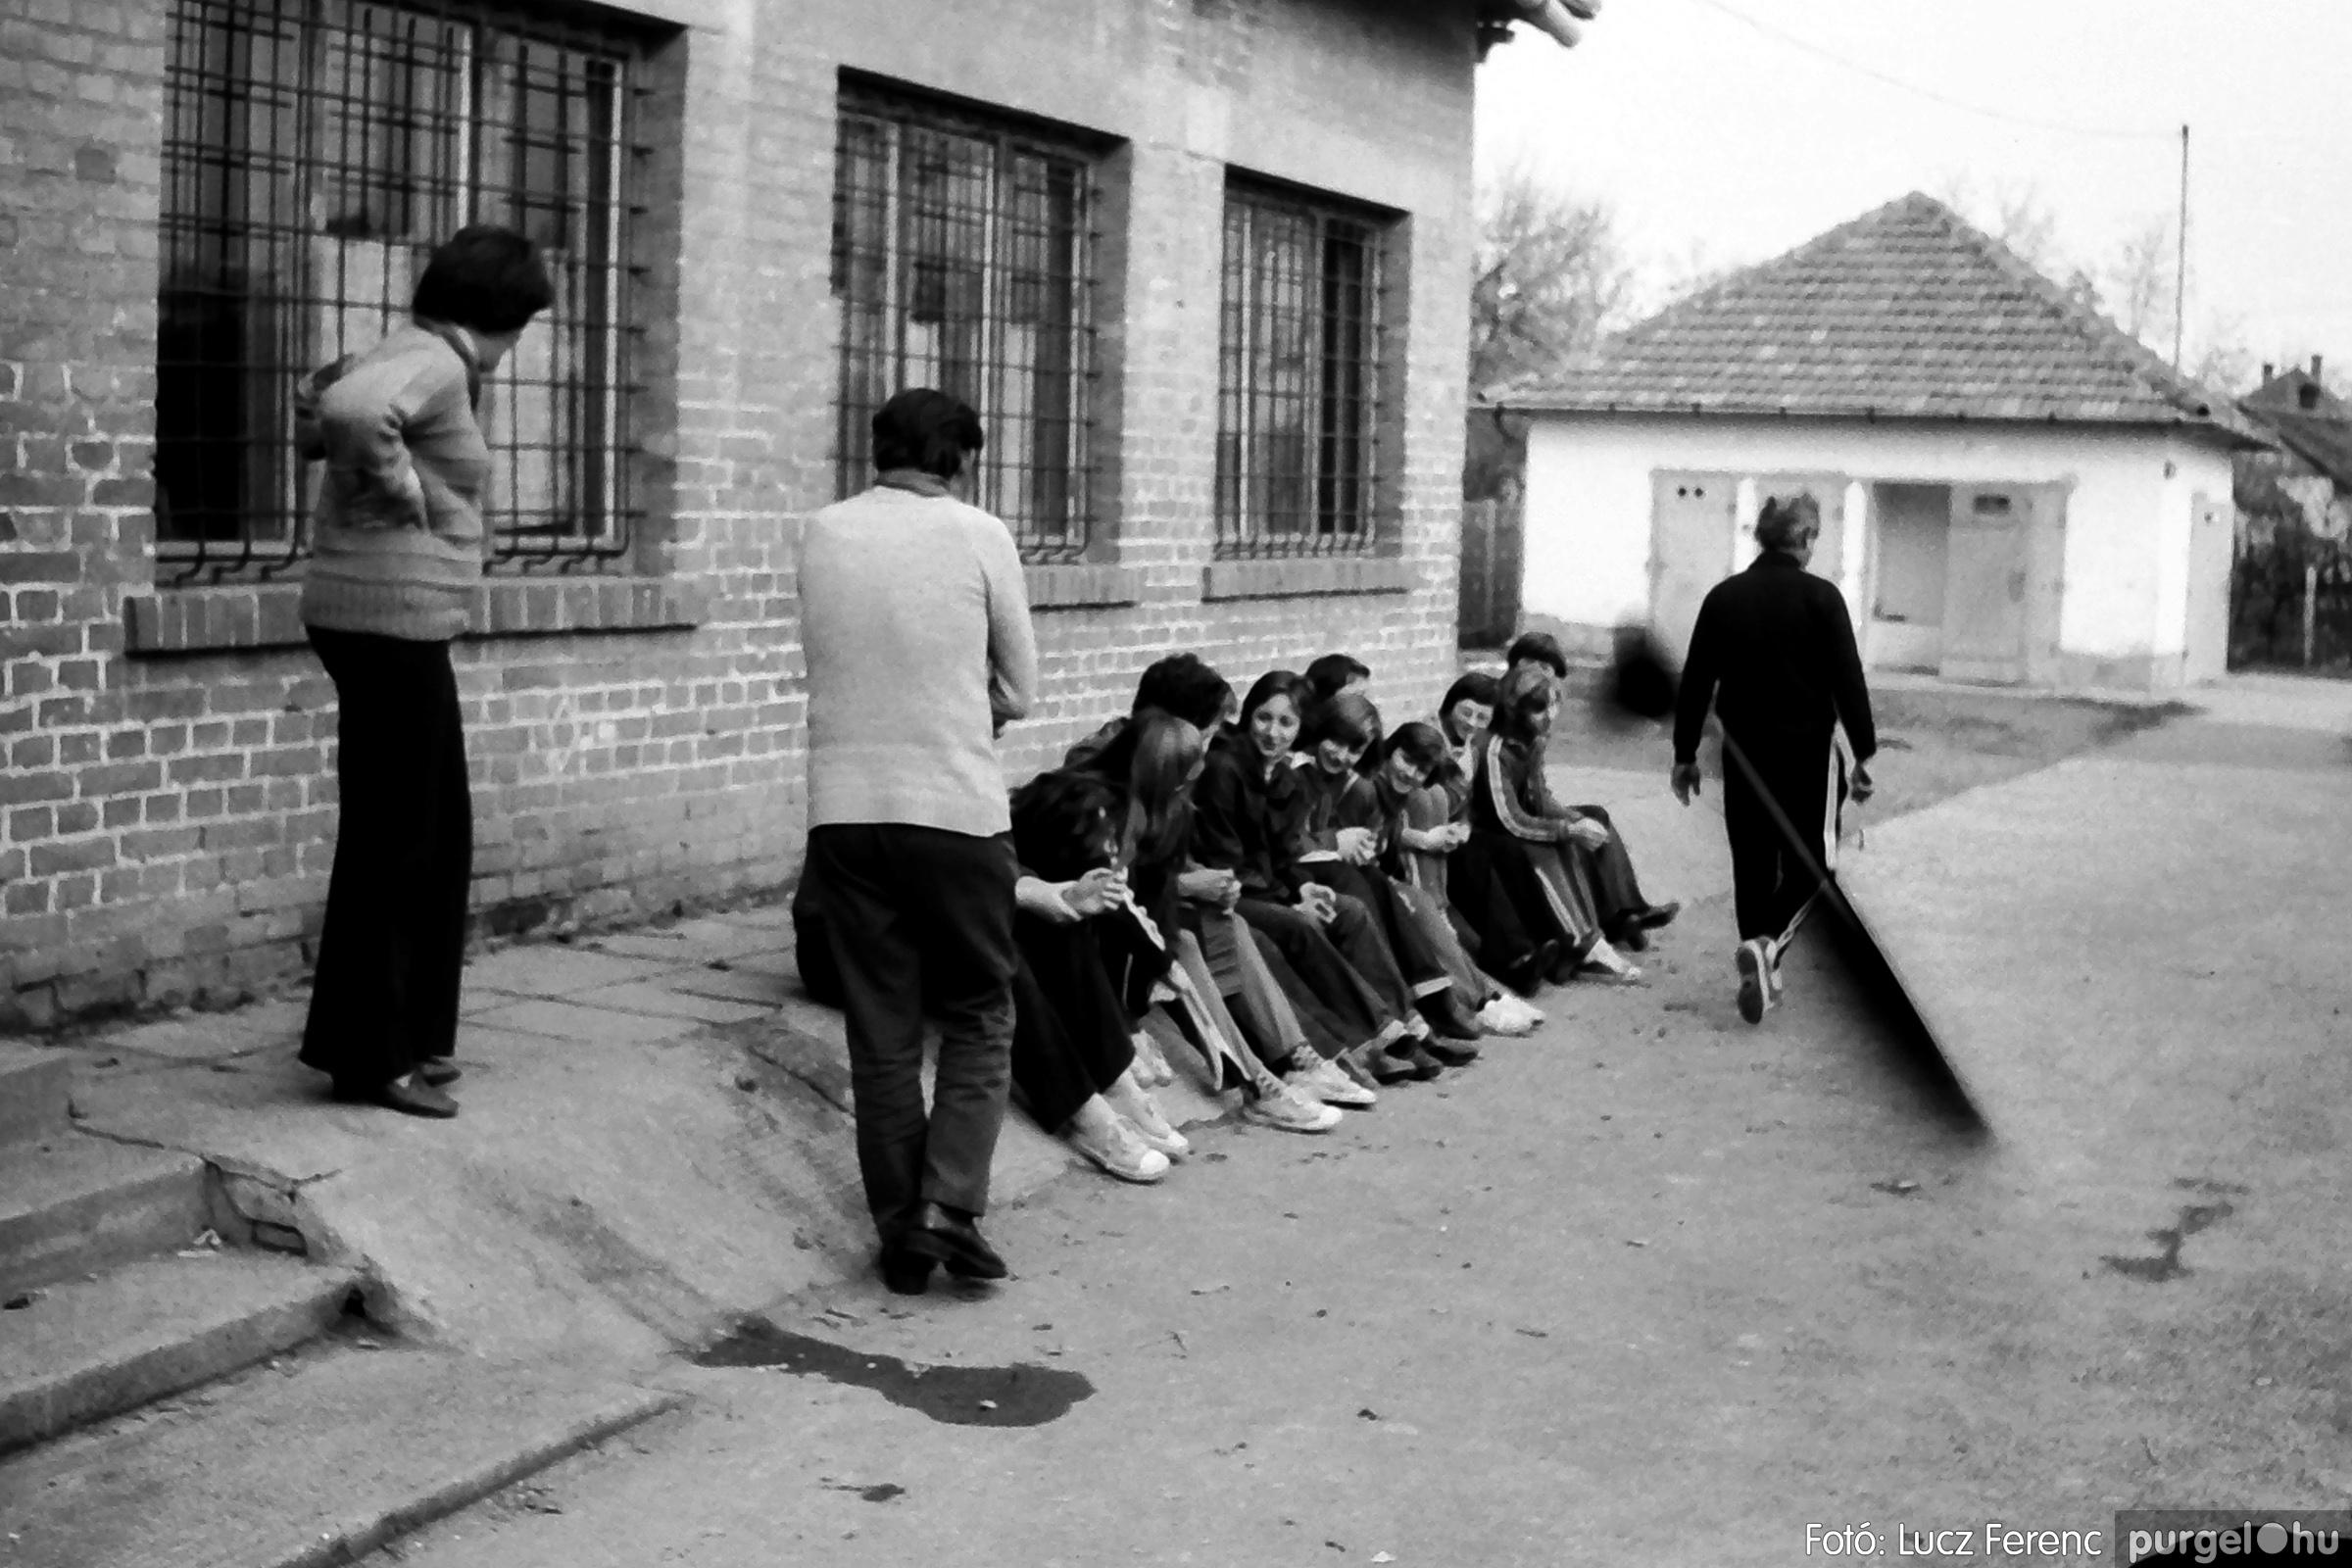 092. 1977. Úttörő rendezvény a Központi Általános Iskolában 014. - Fotó: Lucz Ferenc.jpg